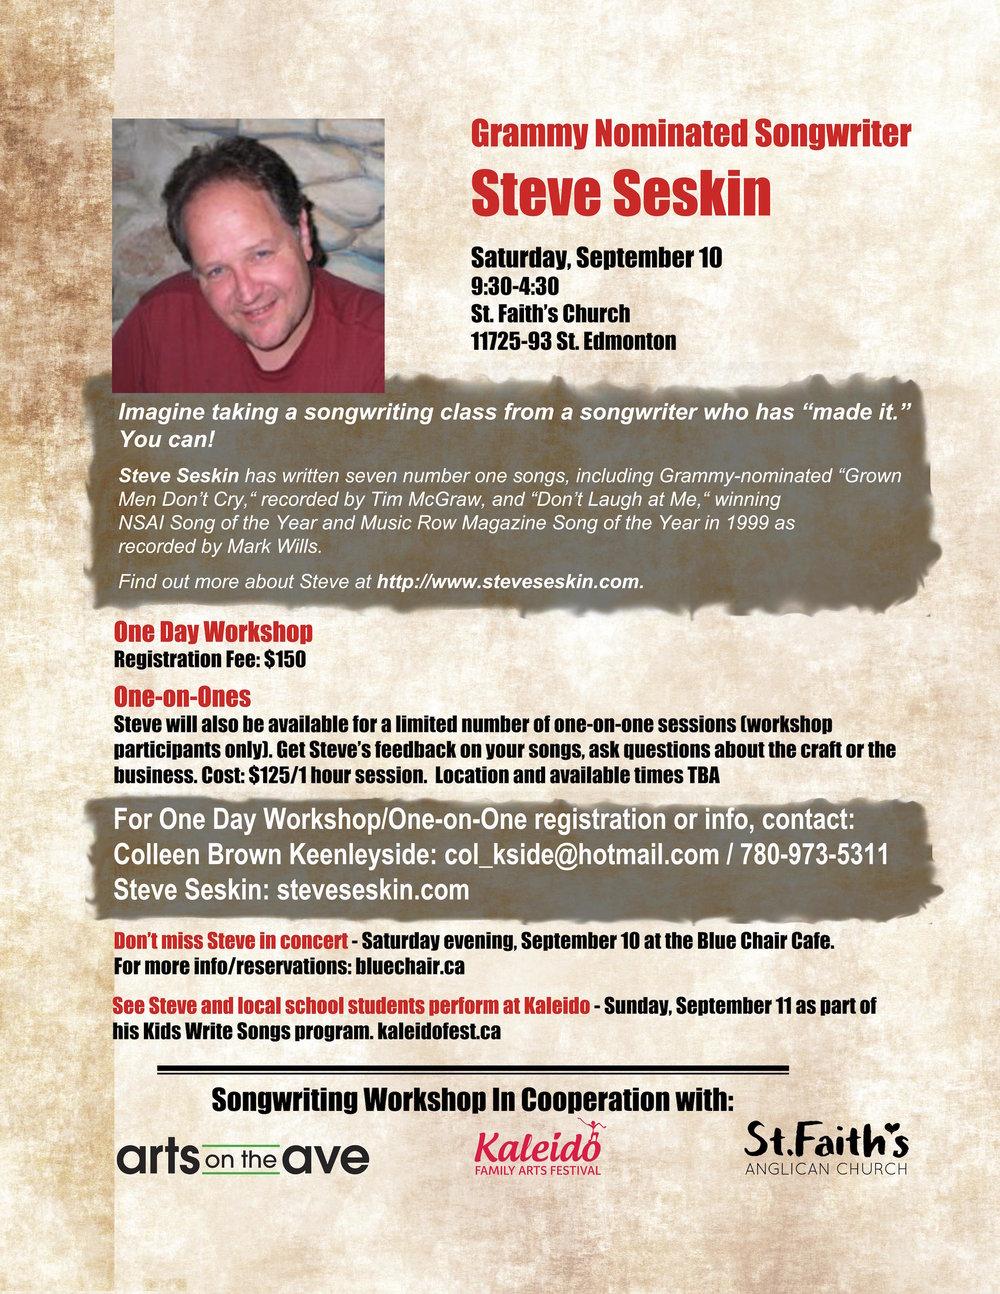 Steve Seskin poster 2016.3.jpg